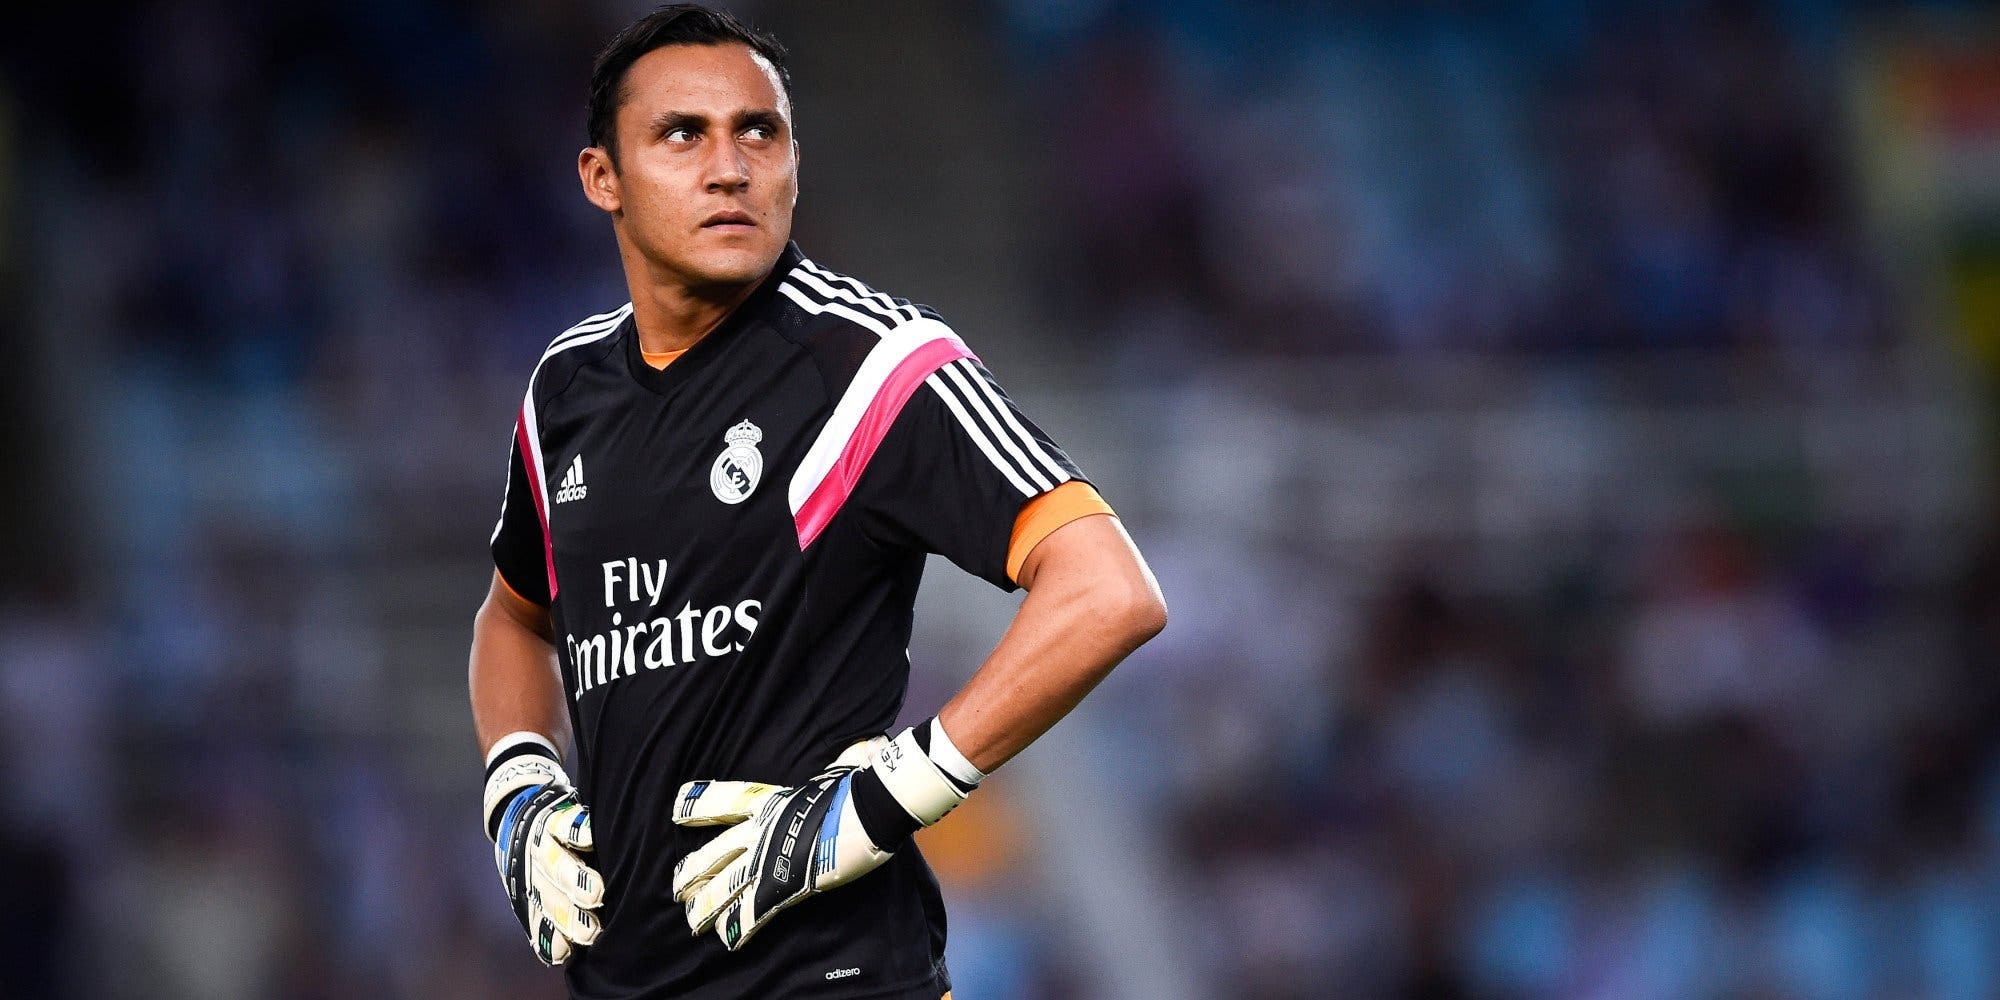 Keylor Navas estalla en el Real Madrid (y hace llegar un mensaje bestial a Florentino Pérez)